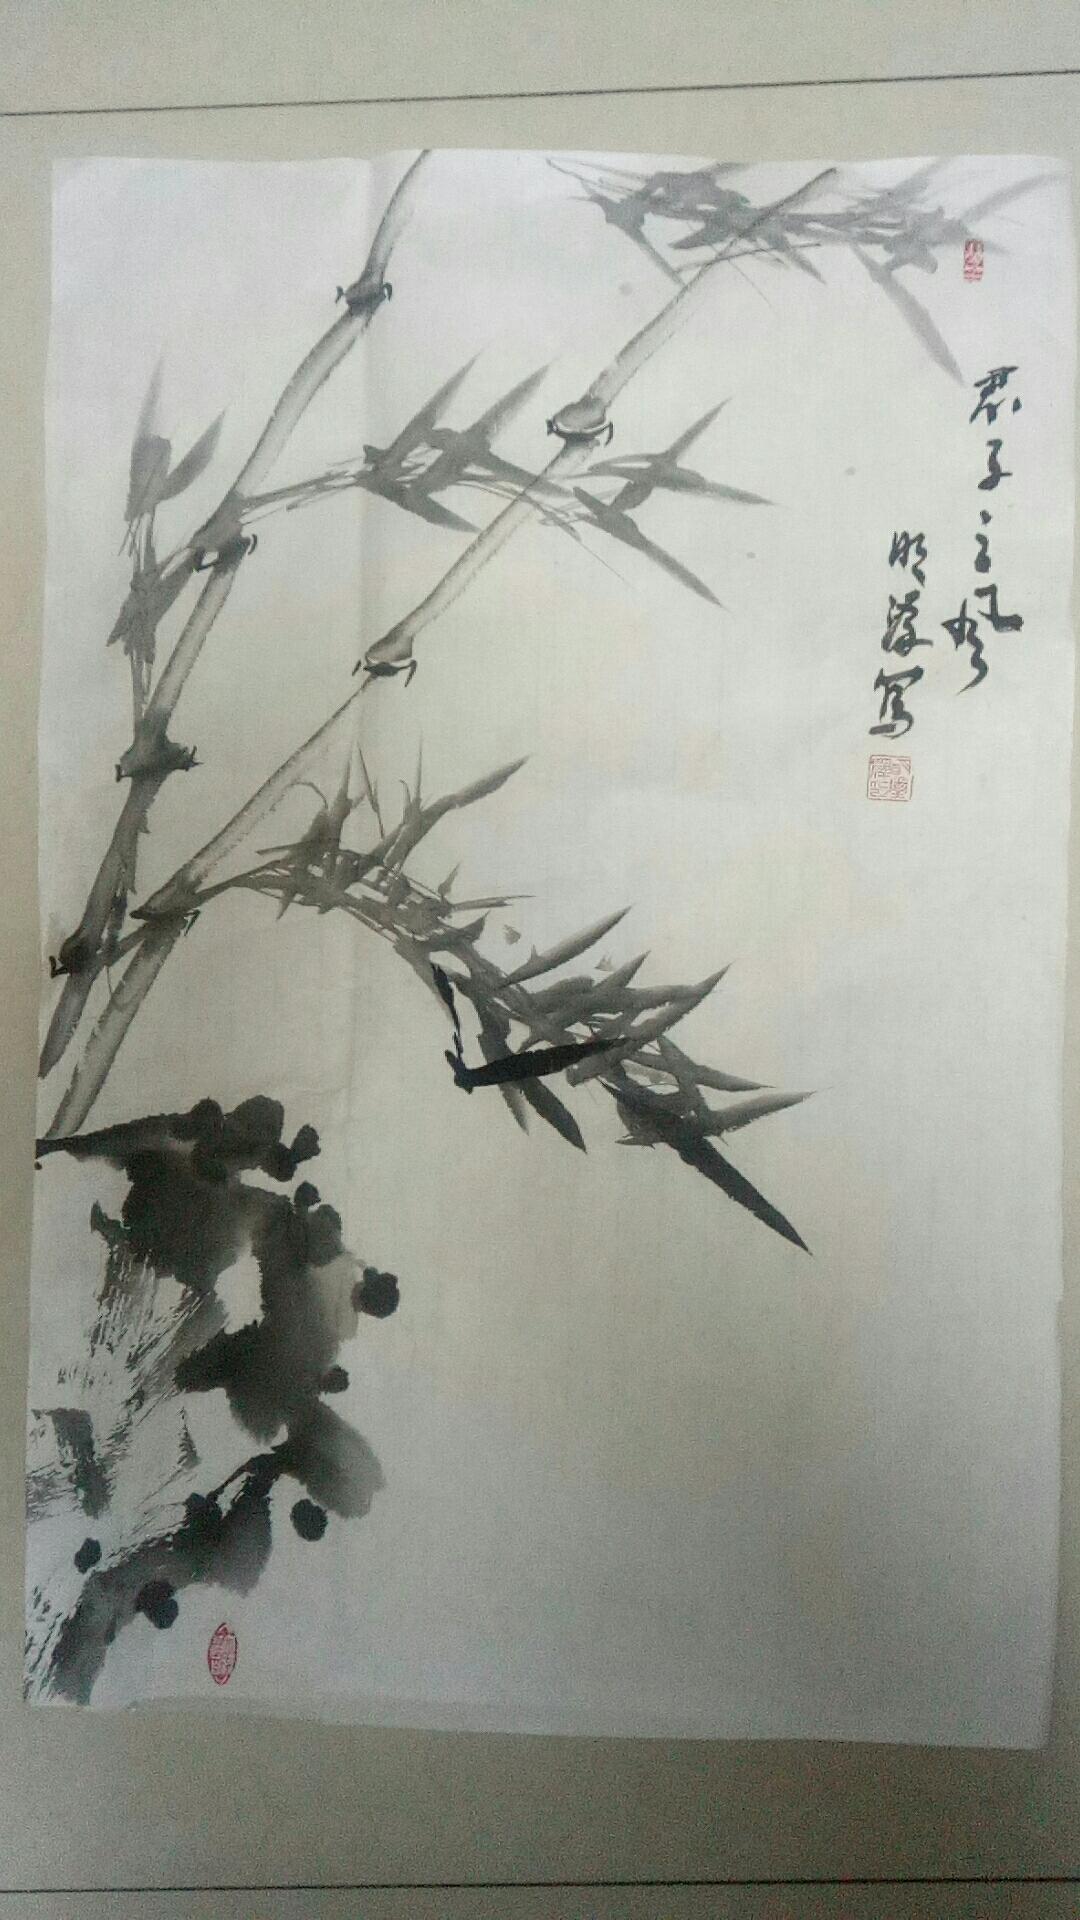 李明泽同学作品